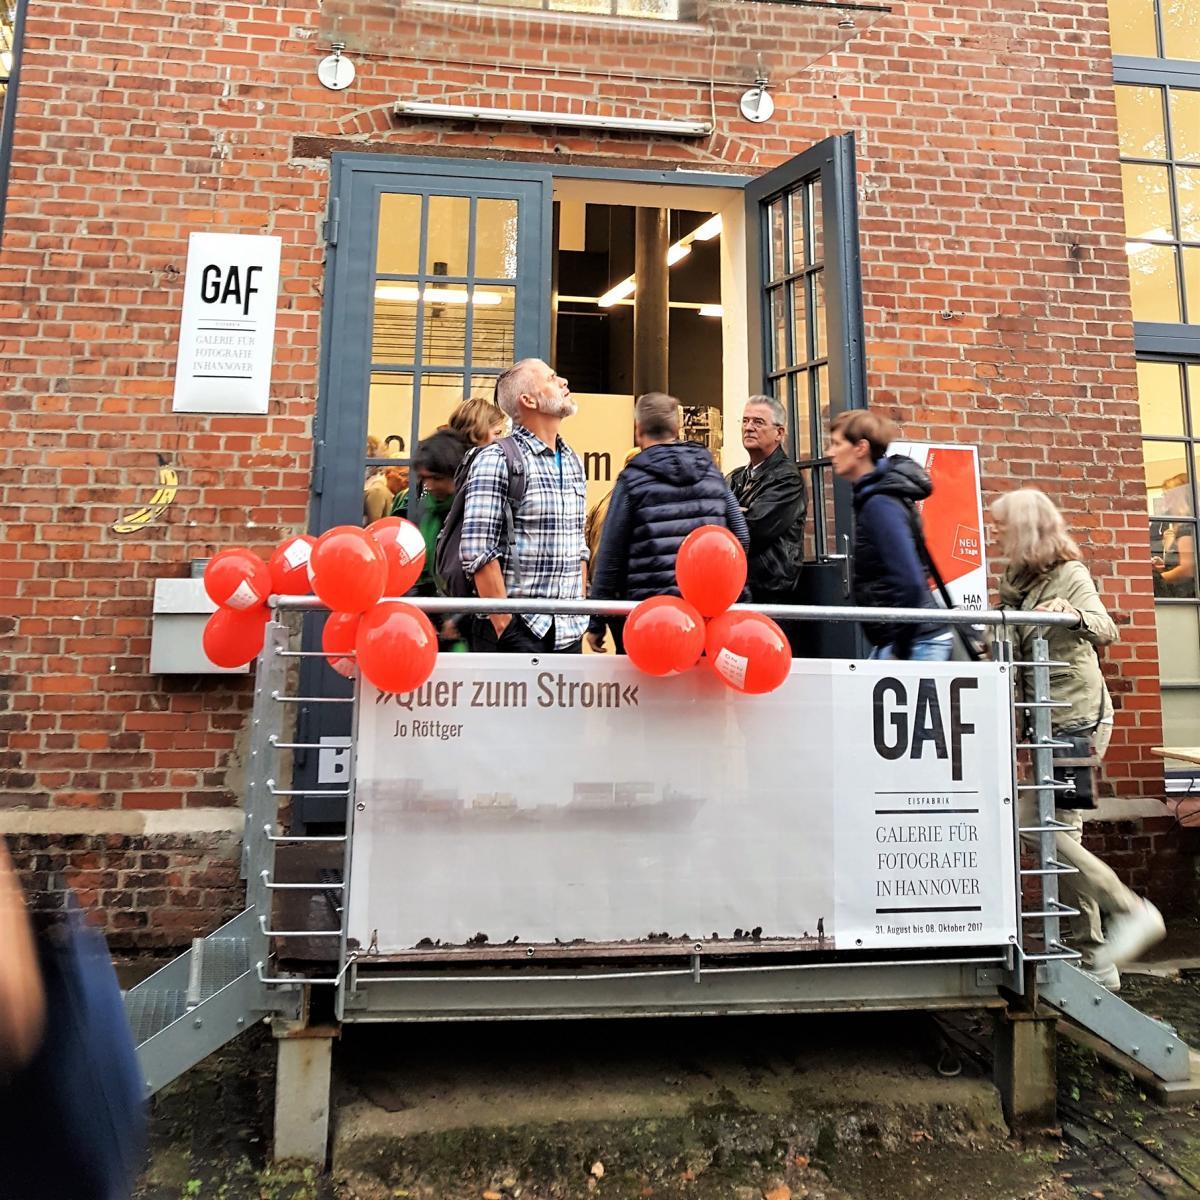 Style Hannover Galerie für Fotografie 2 - GAF - Galerie mit Anspruch